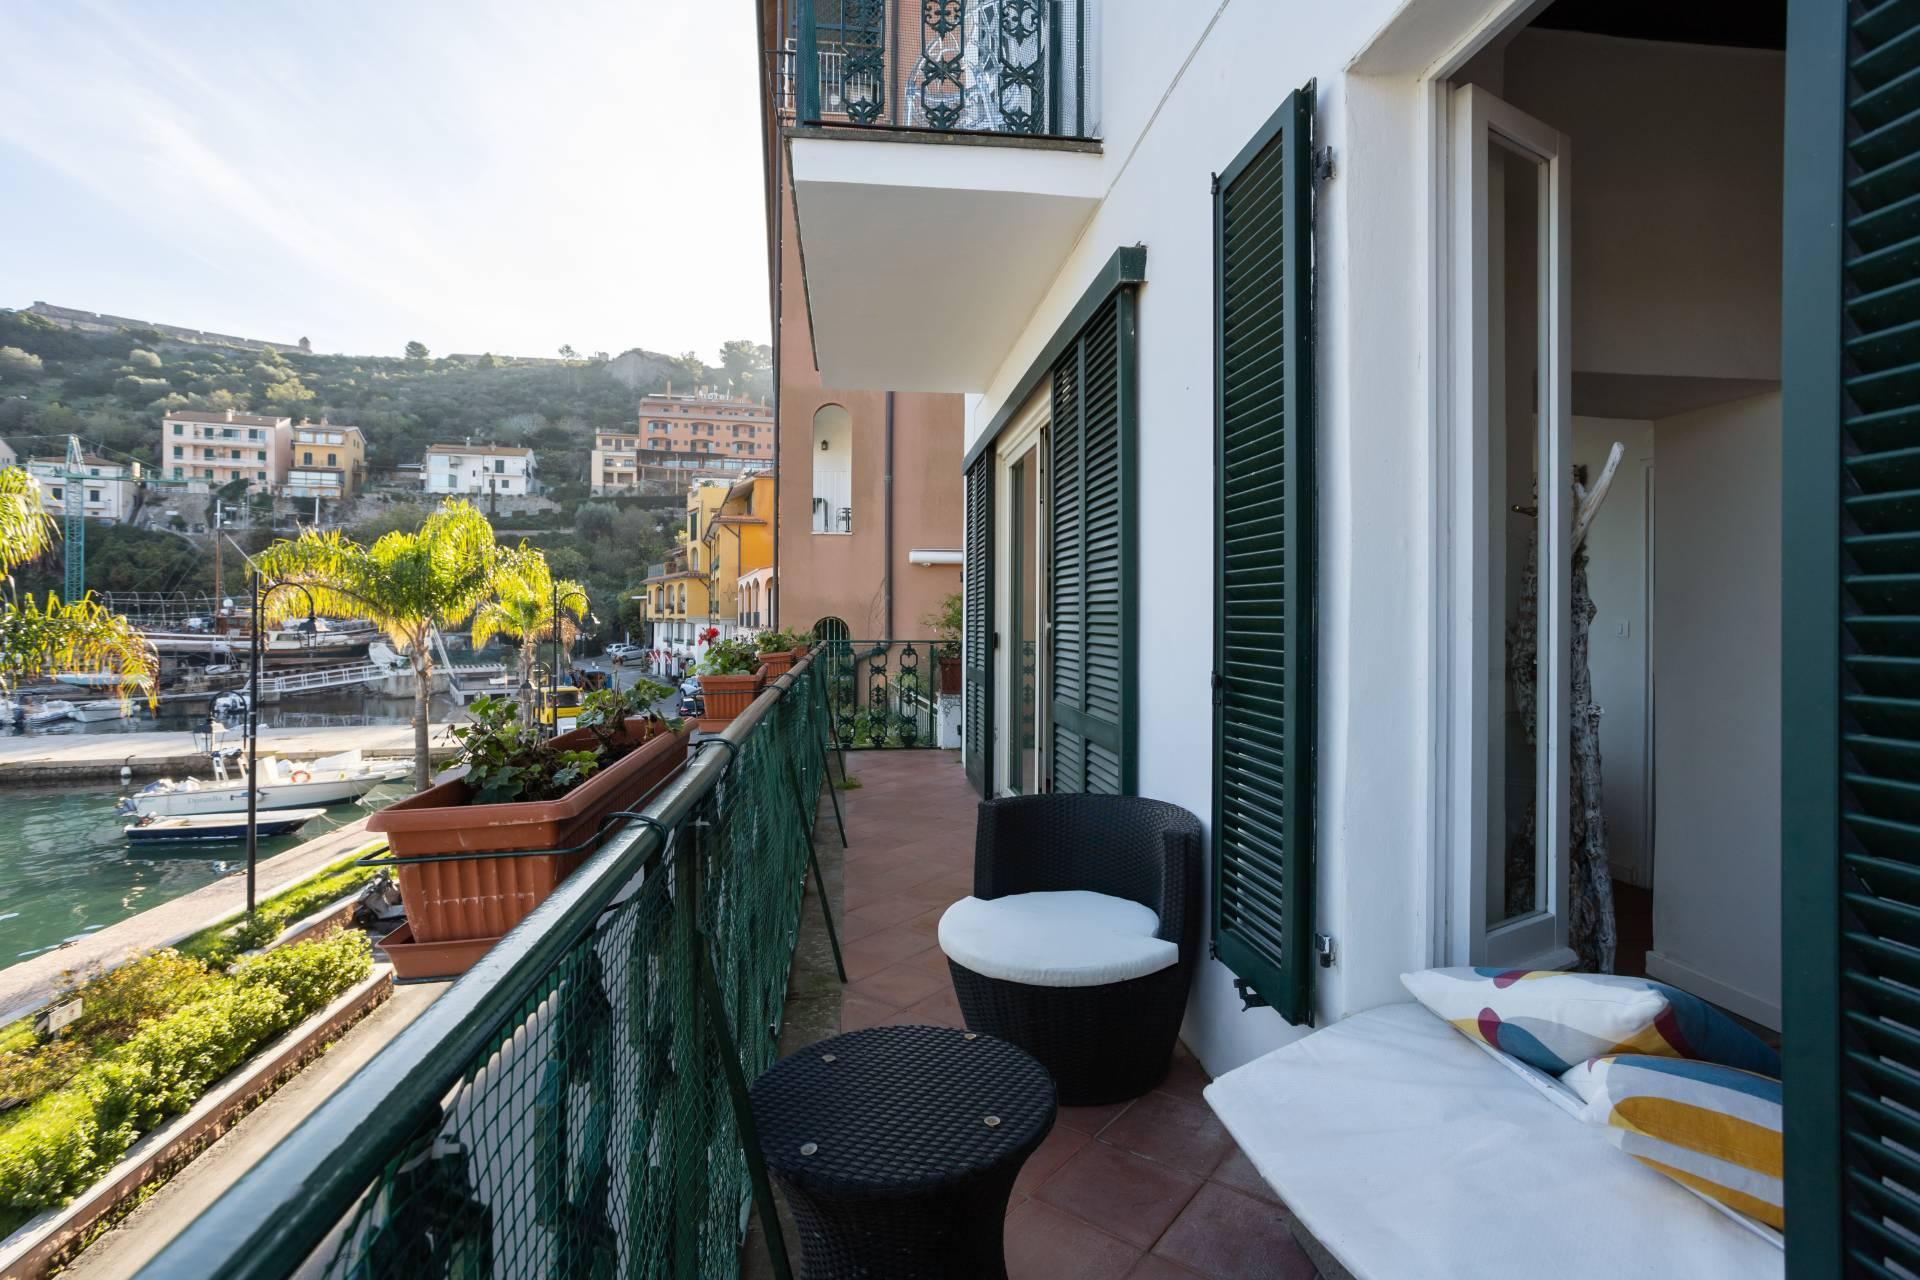 Casa indipendente in Vendita a Monte Argentario: 5 locali, 300 mq - Foto 18